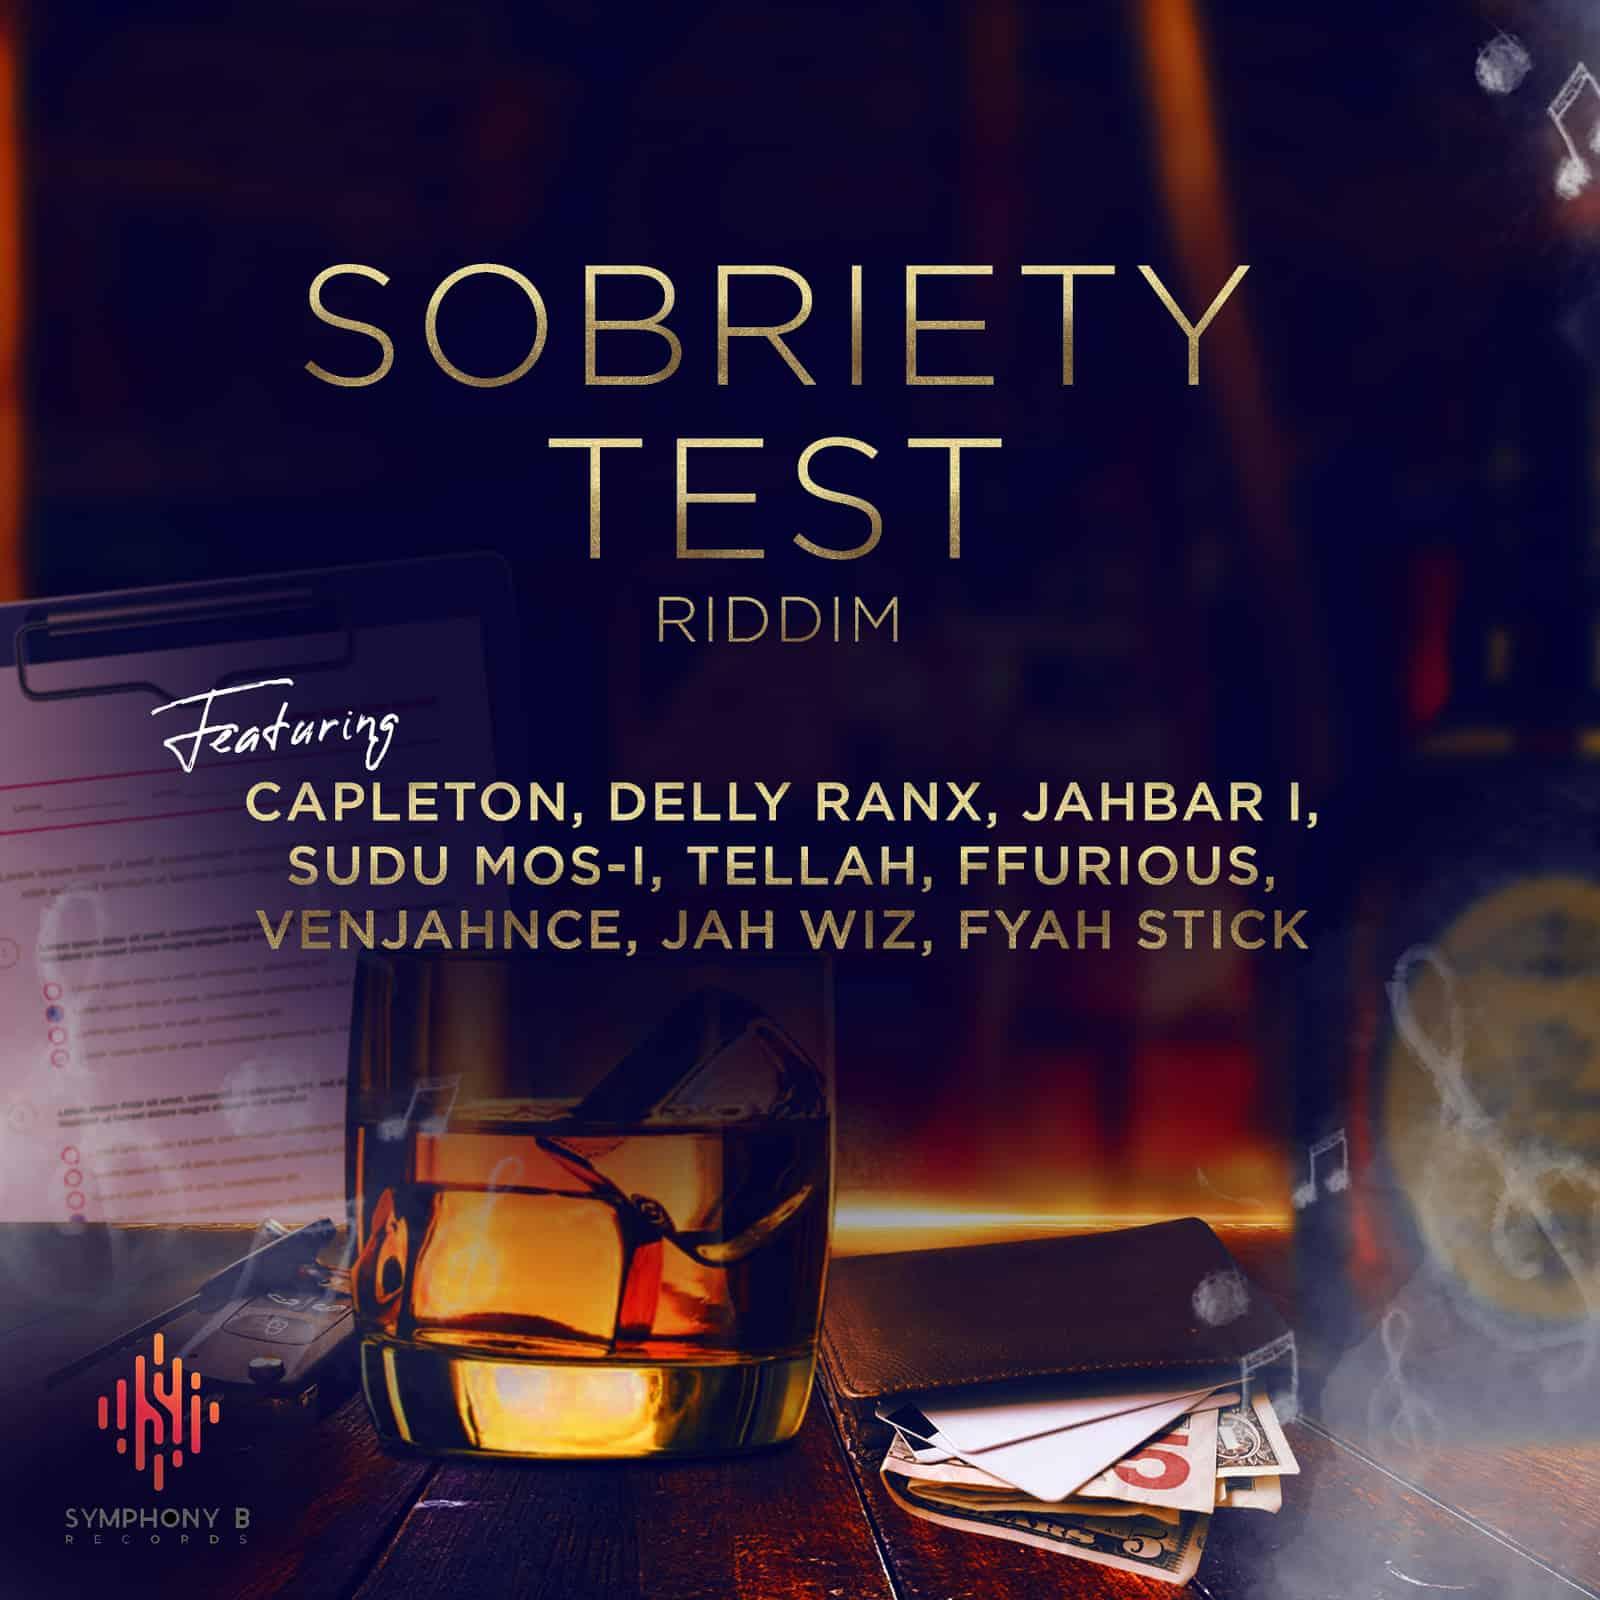 Sobriety Test Rhythm - Symphony B Records